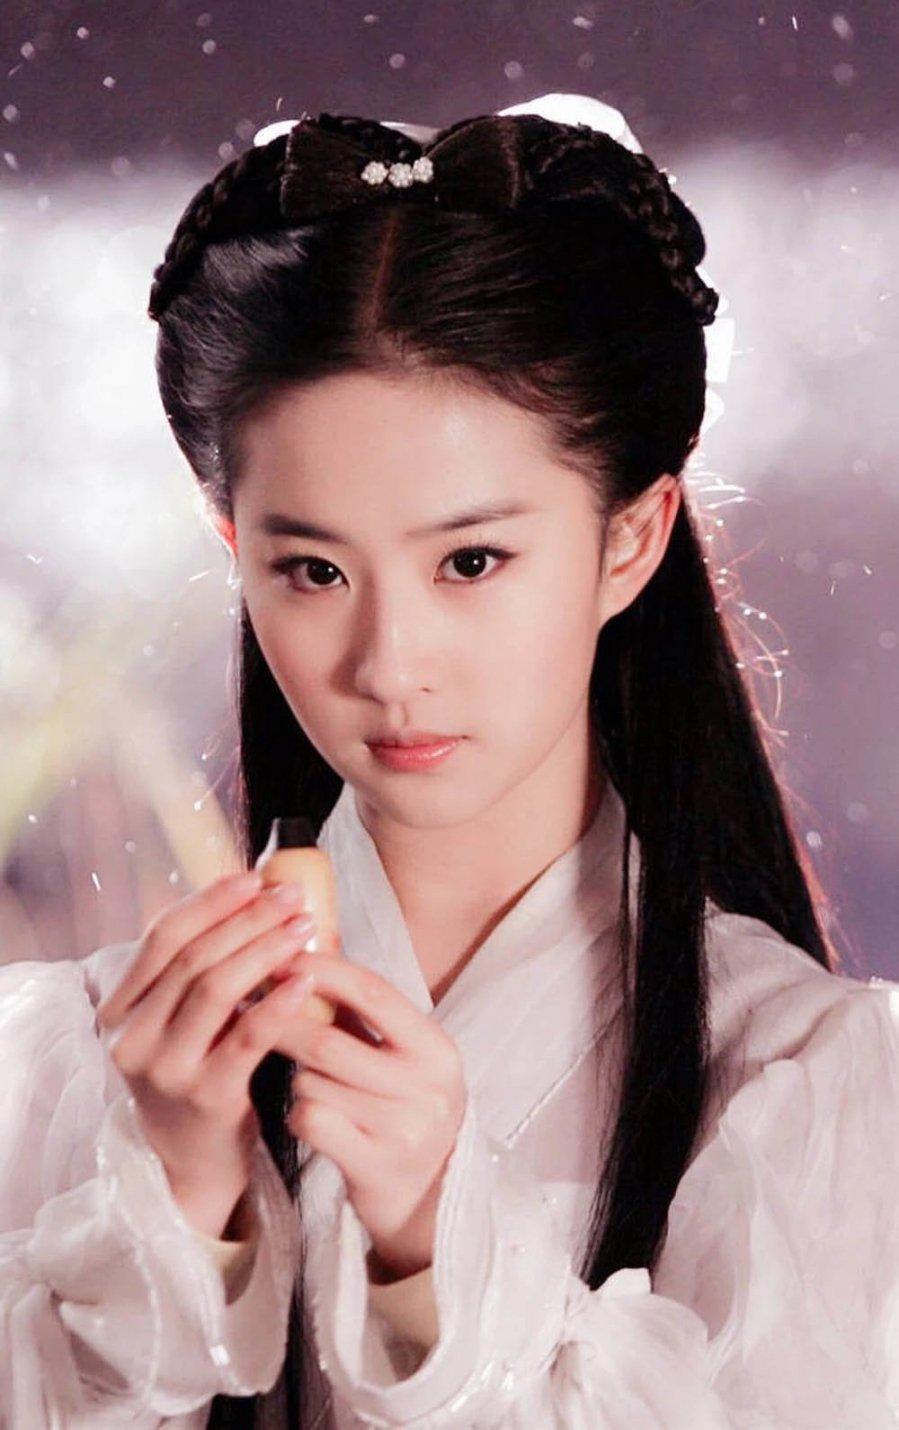 10 bí mật giúp phụ nữ Trung Quốc trẻ đẹp rạng rỡ - 1